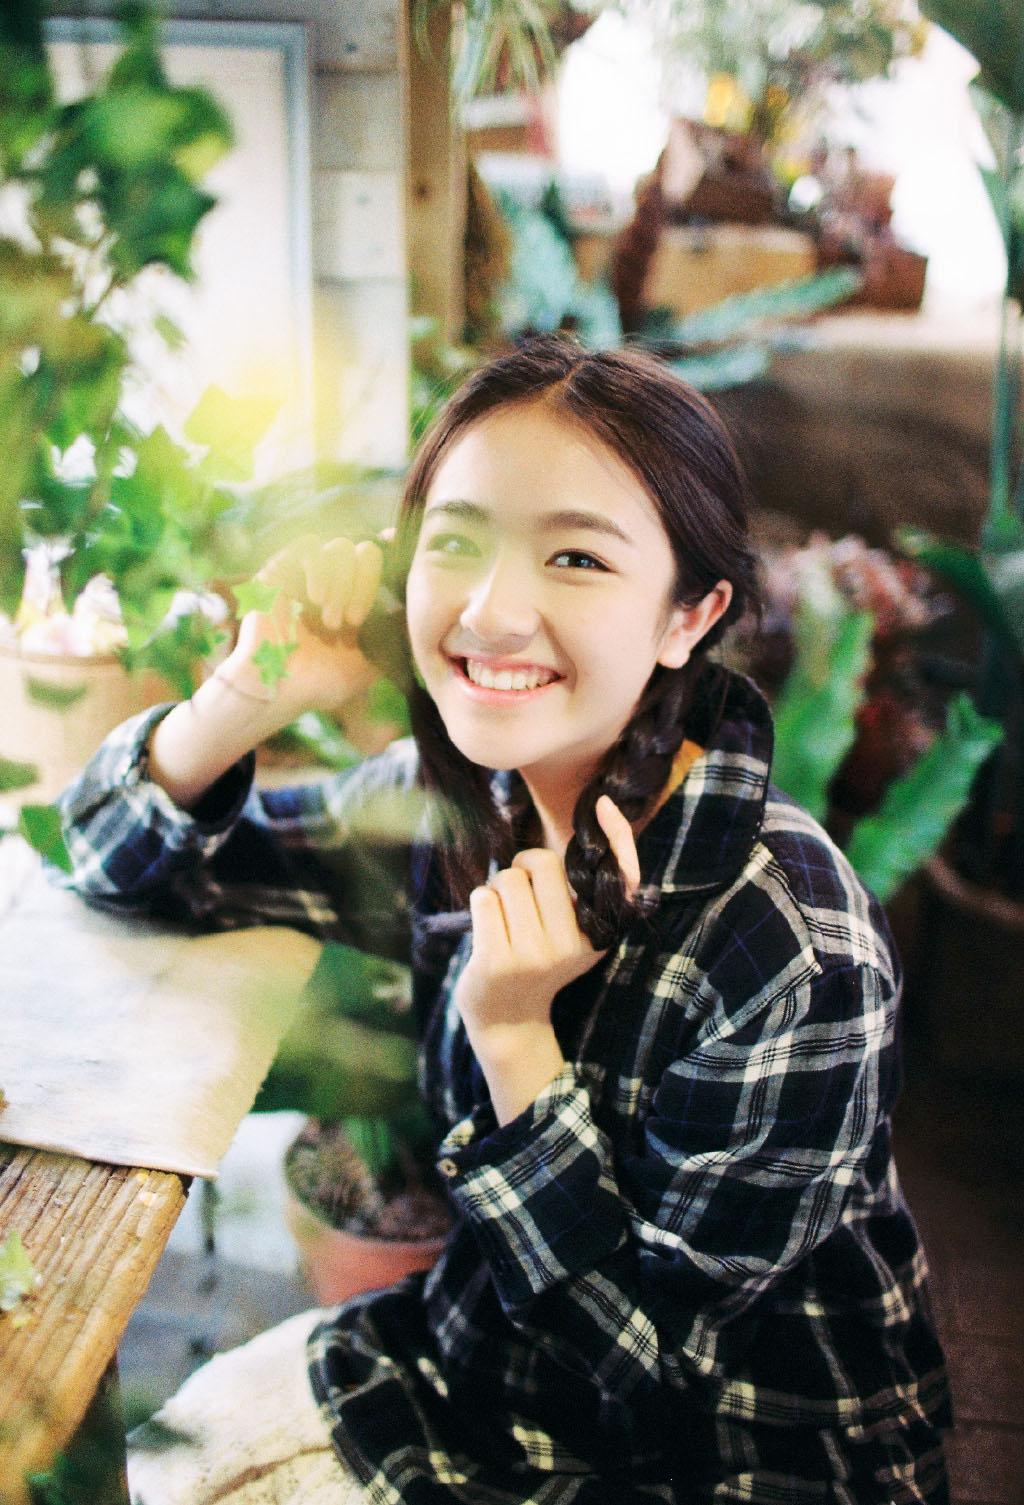 唐人最新捧的女艺人,这颜值可是要比胡冰卿高太多了